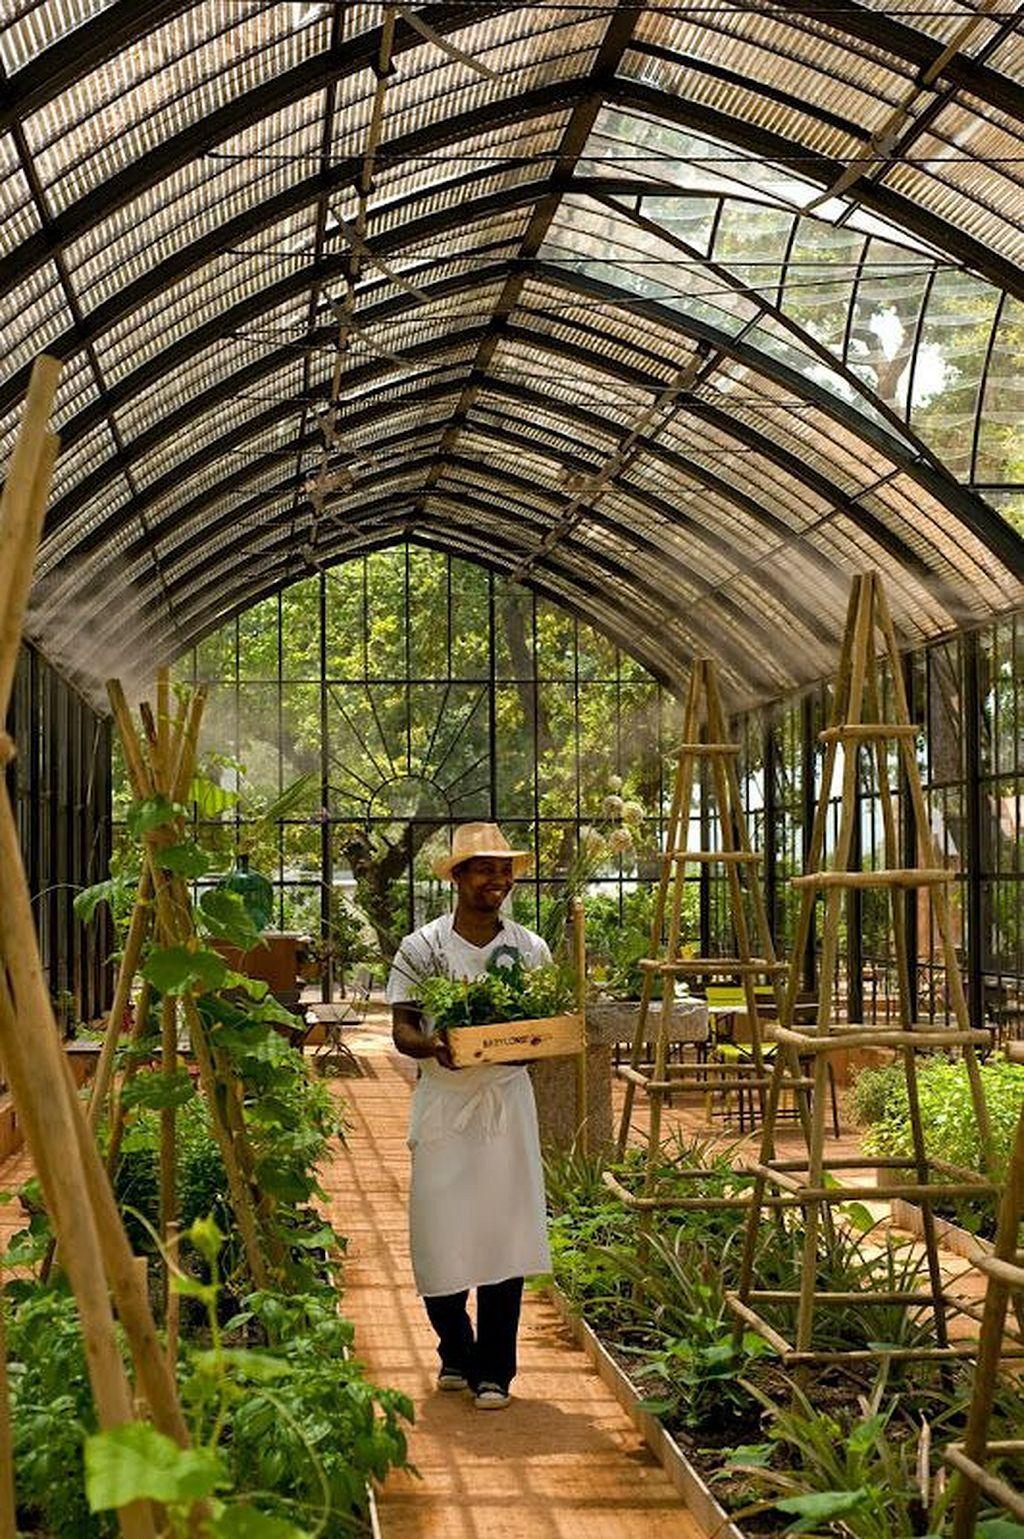 Stunning 20+ Greenhouse Gardening Ideas https://gardenmagz.com/20 ...